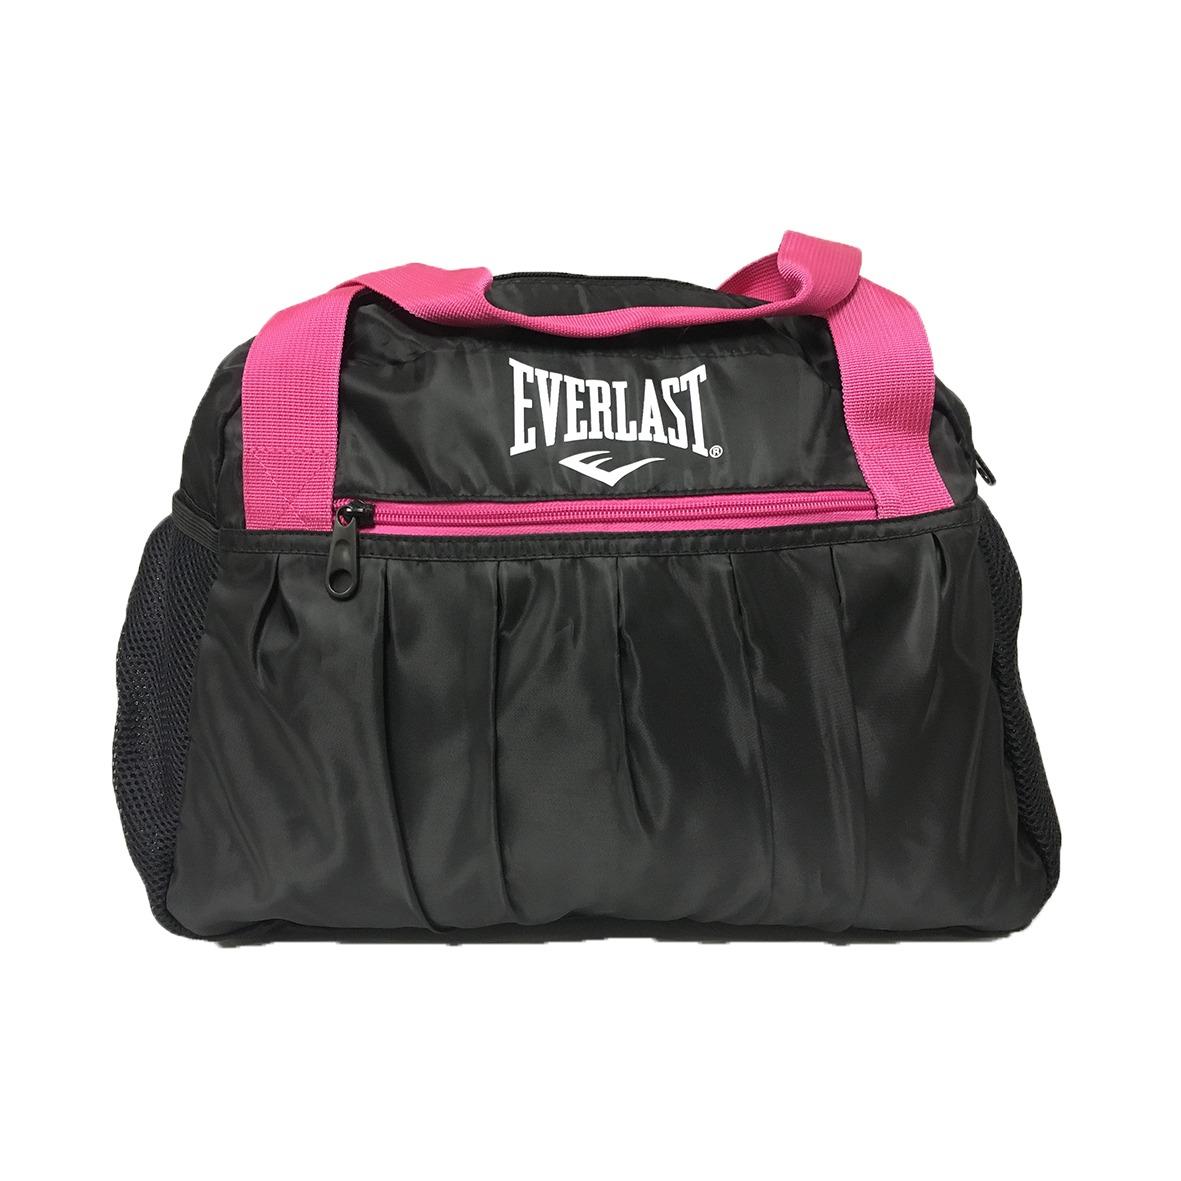 d2050c4a2 Bolsa Everlast Feminina Preto/rosa - R$ 99,90 em Mercado Livre